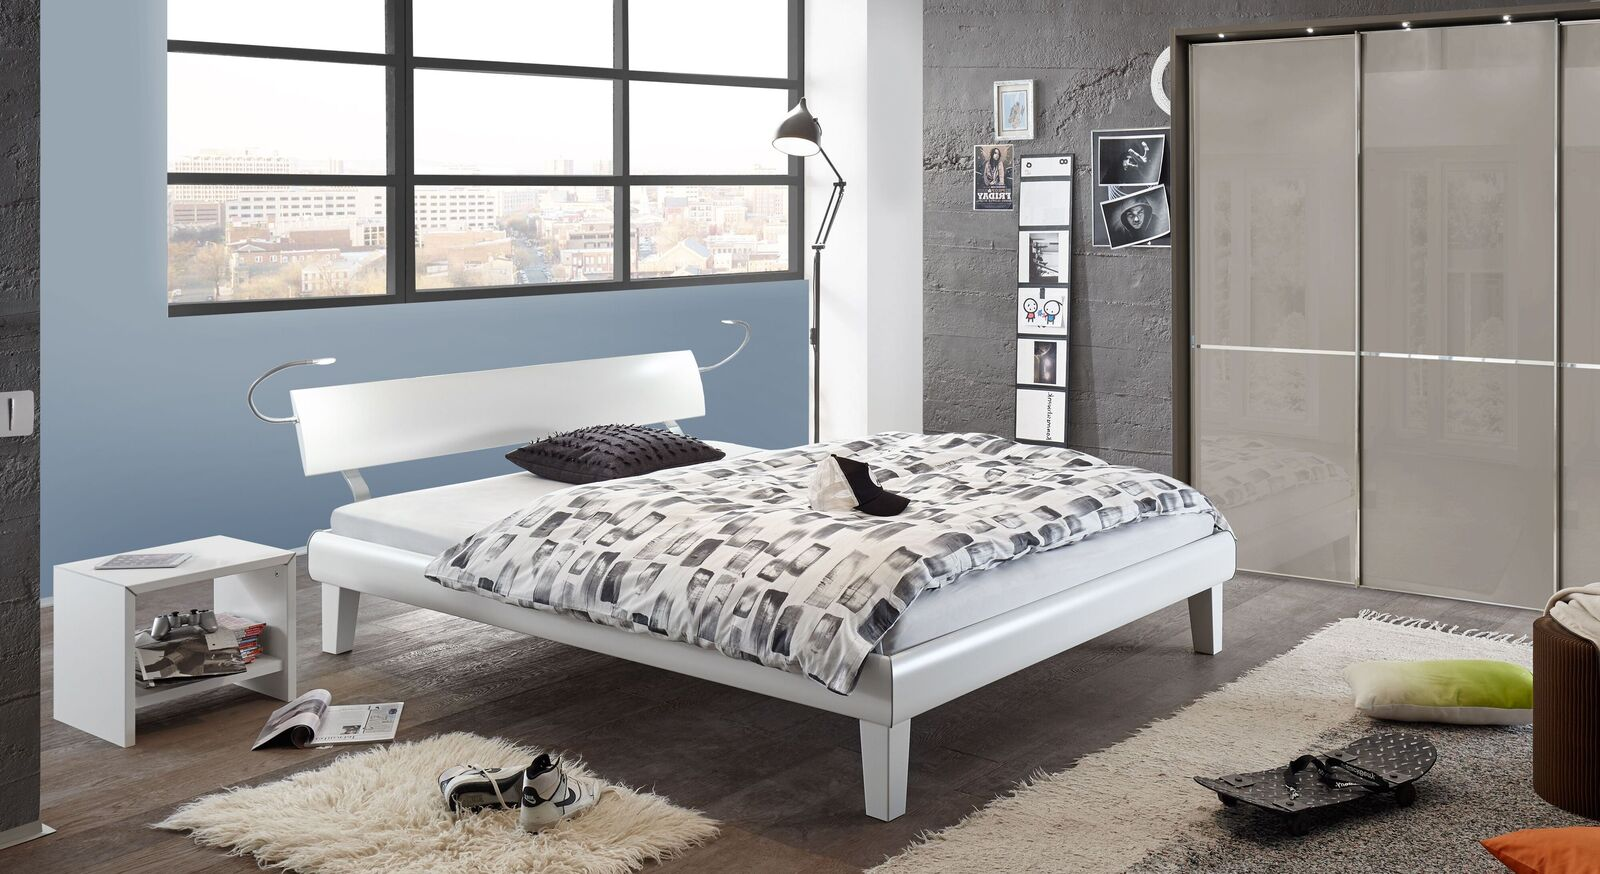 Bett Whiteway mit passenden Schlafzimmermöbeln